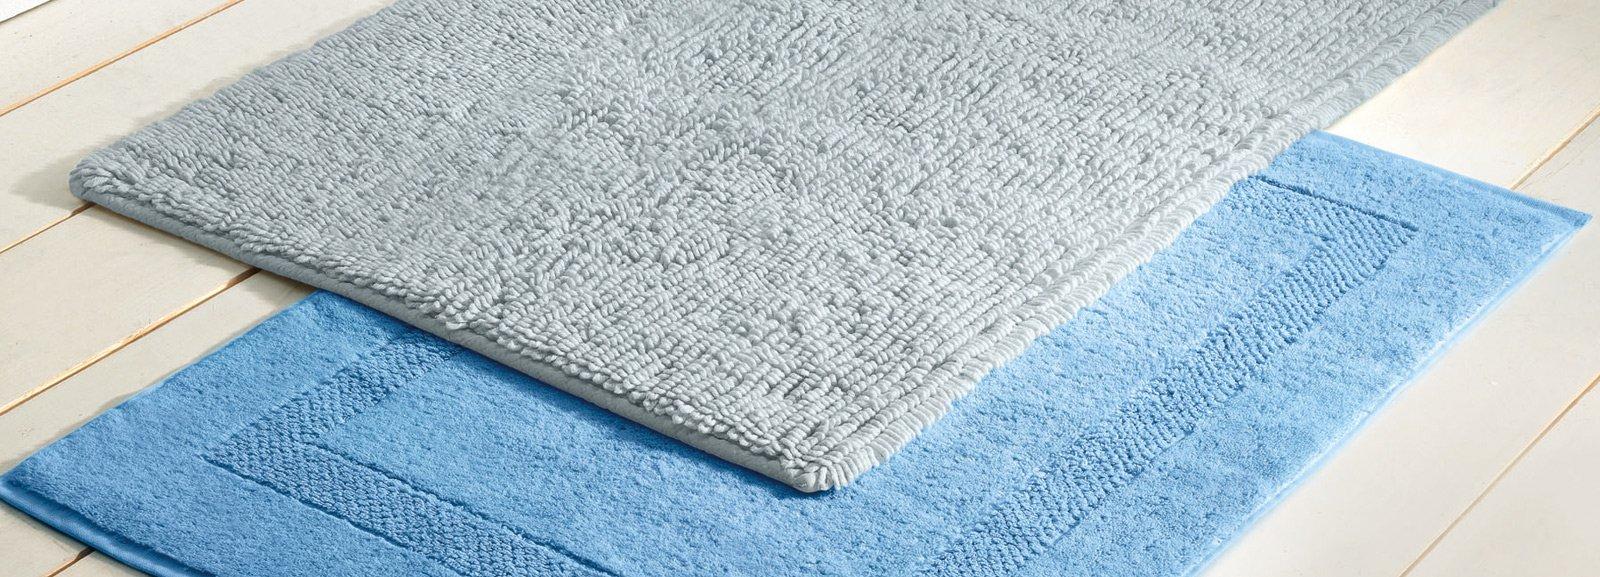 Tappeti moderni per il bagno ikea tappeti moderni per il bagno in cotone e bamboo a prezzi - Tappeti per bambini ikea ...